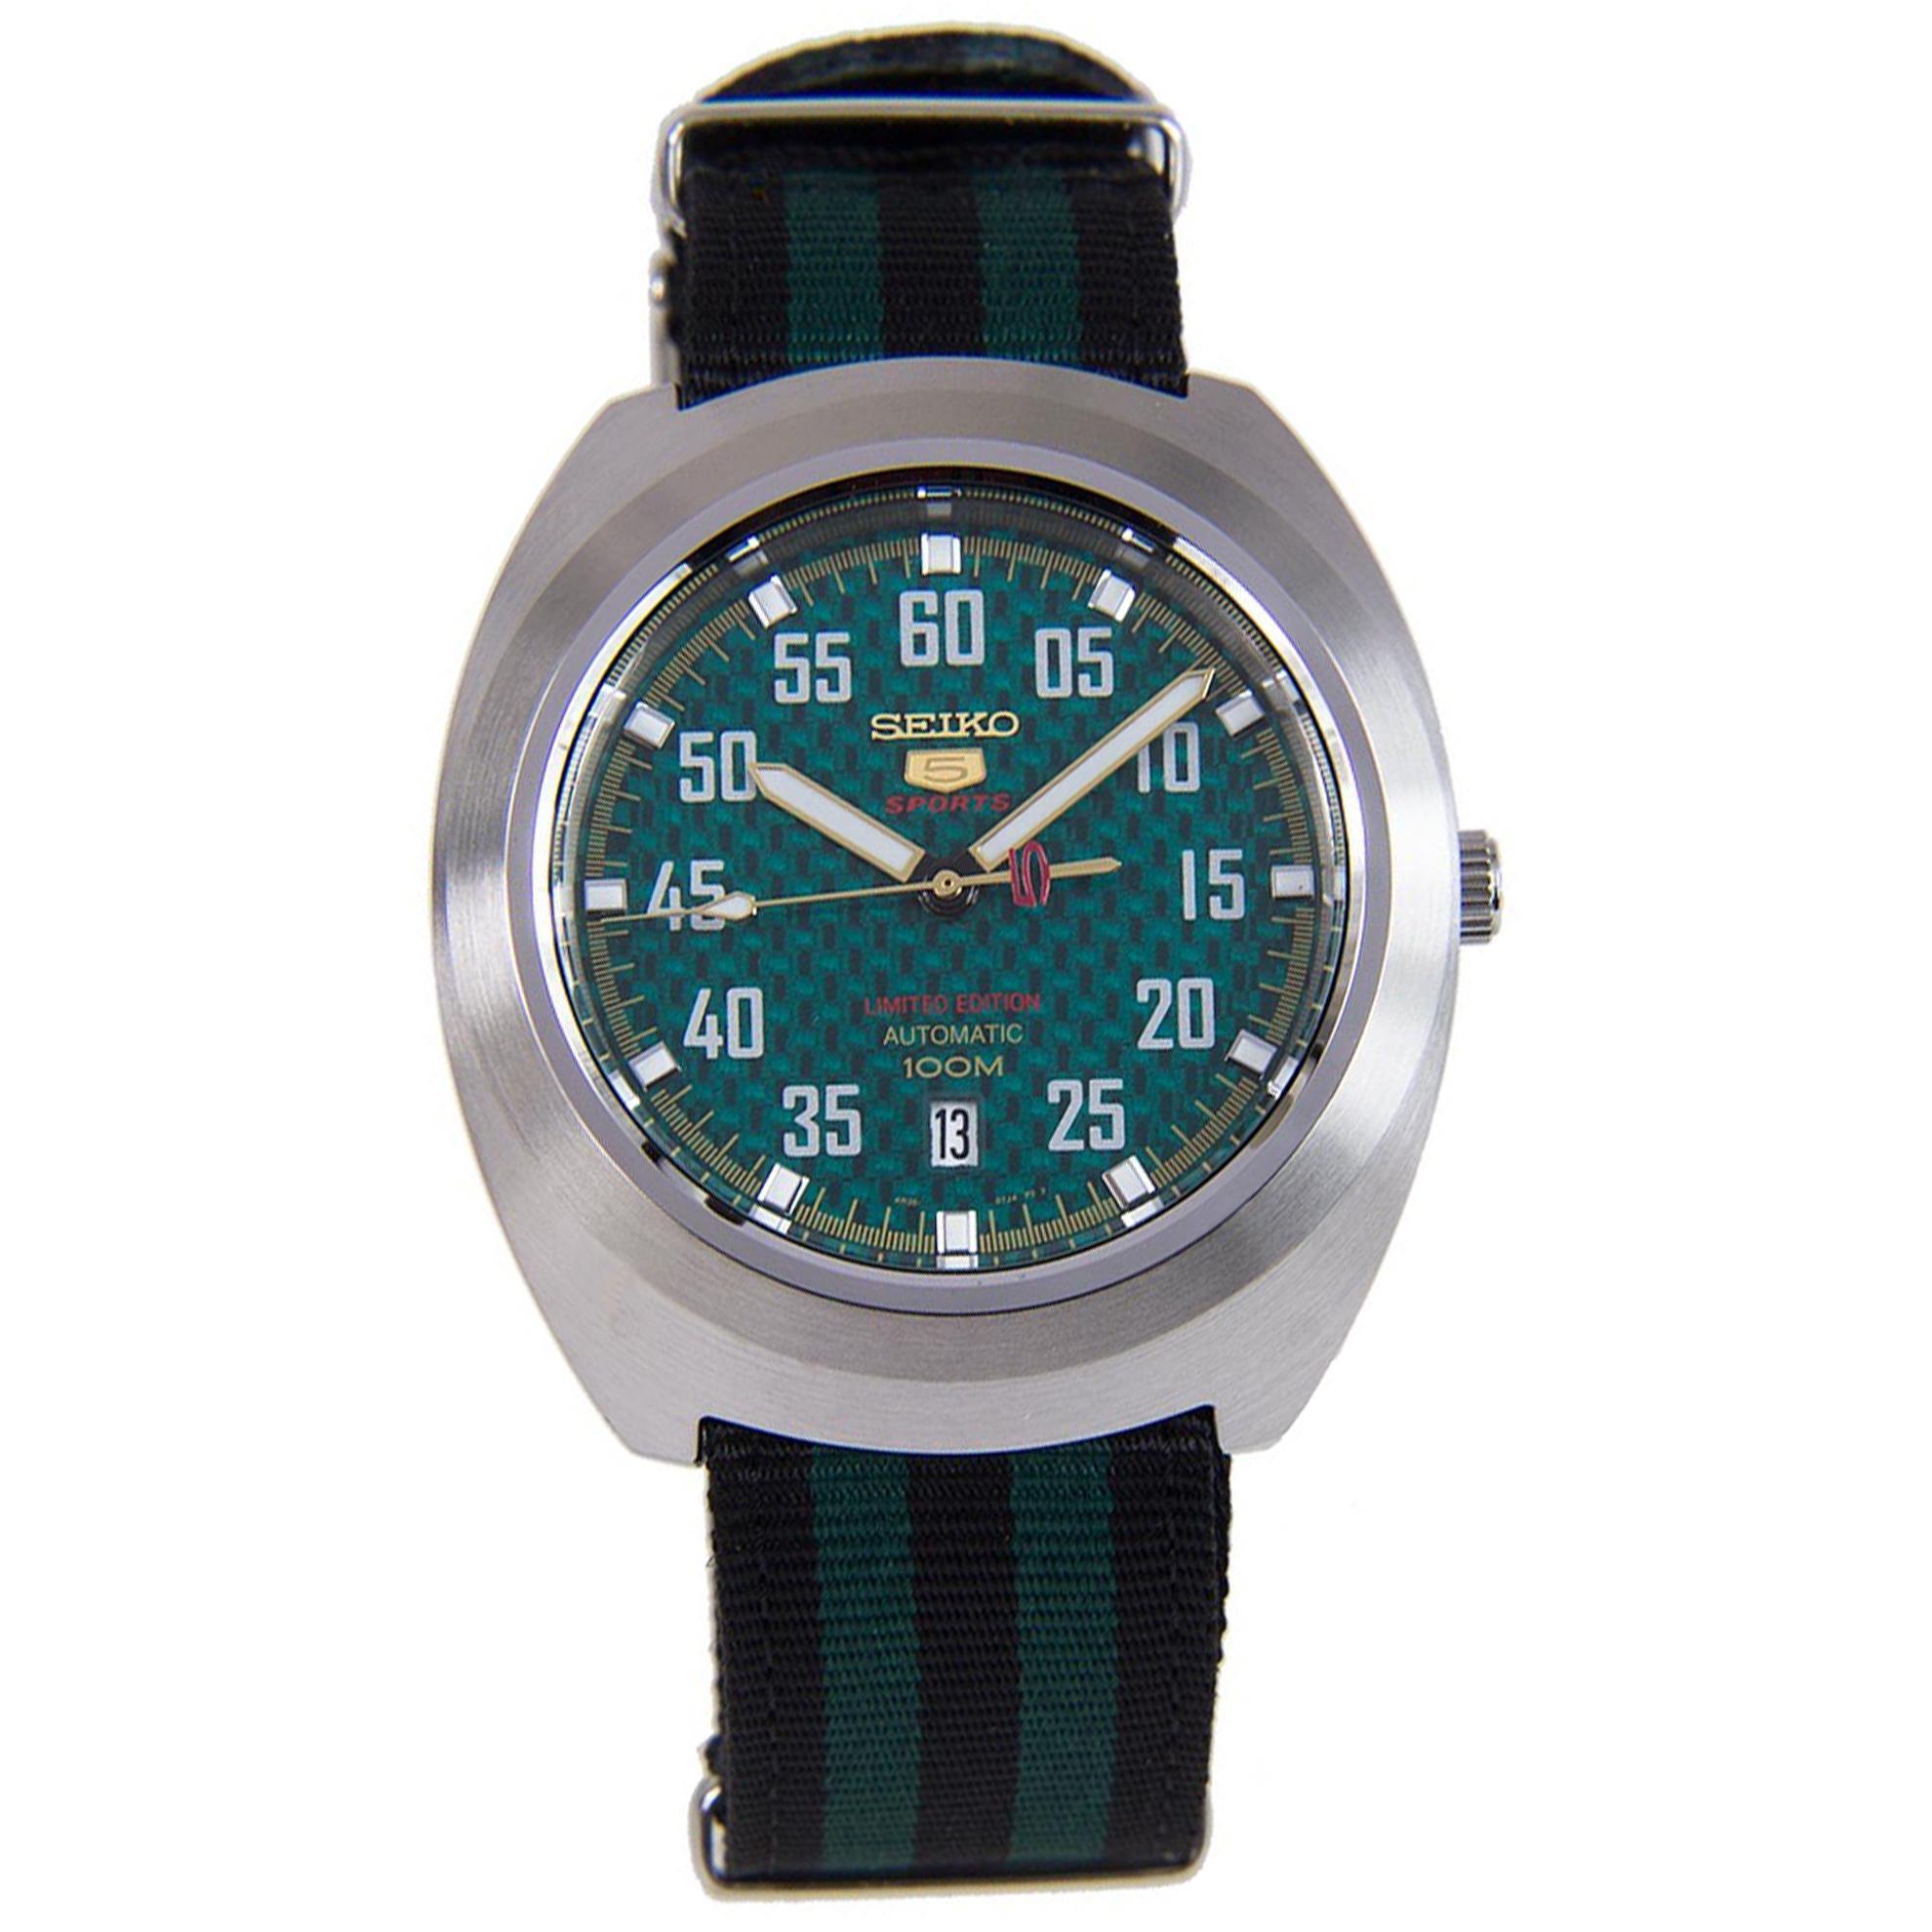 Seiko SE-SRPA89 Seiko Limited Edition Automatic Green Carbon Fiber Dial Black/Green Nato Strap